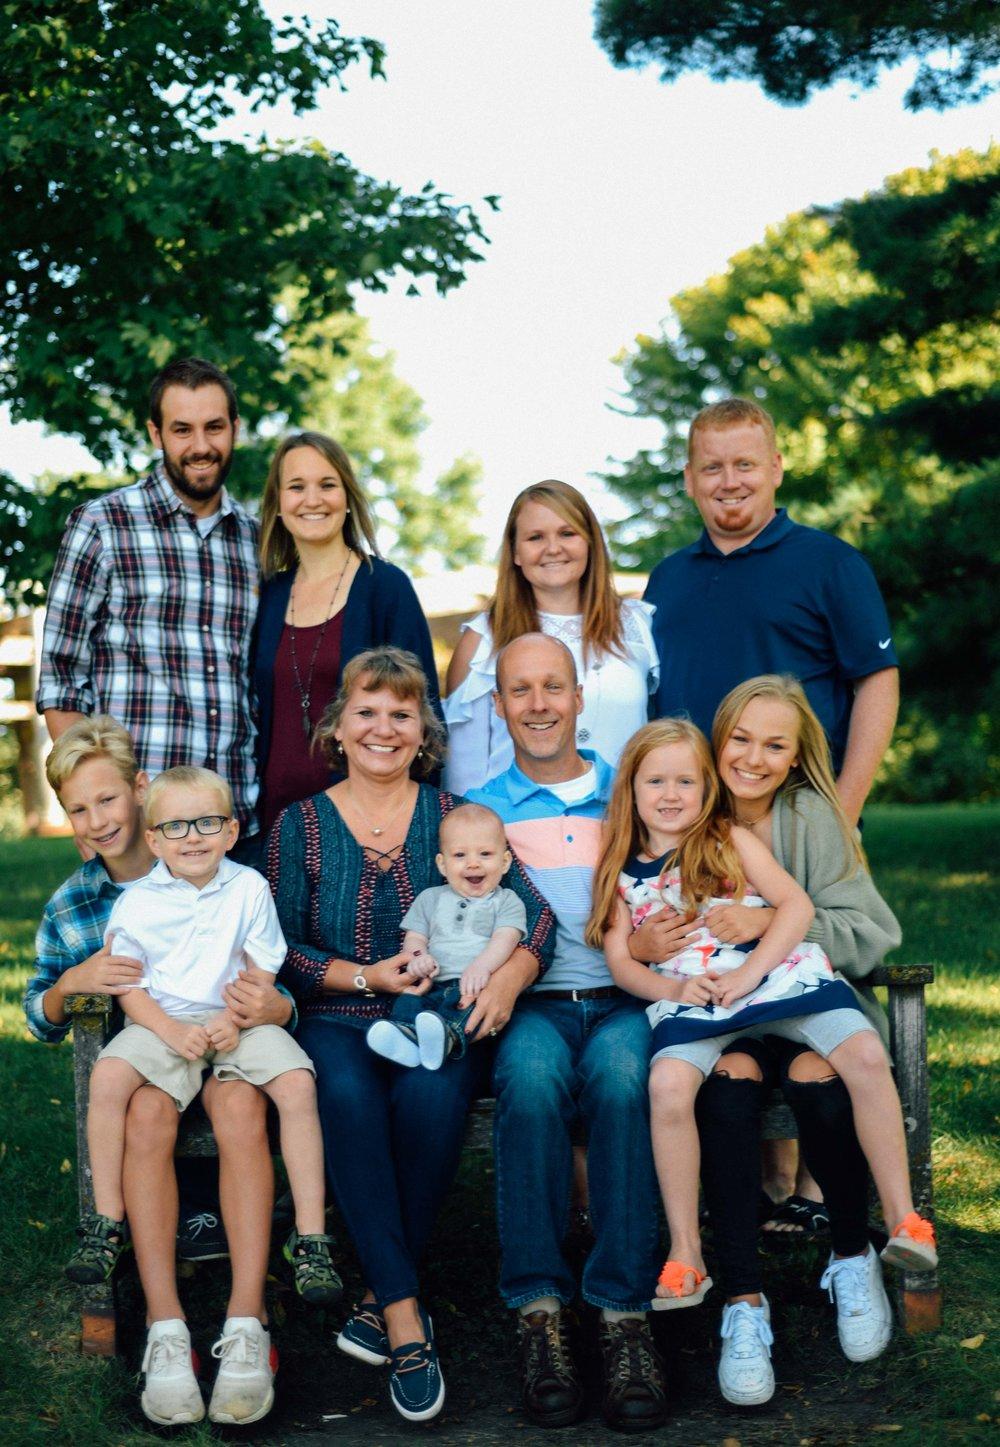 Tvogt Family-104.jpg